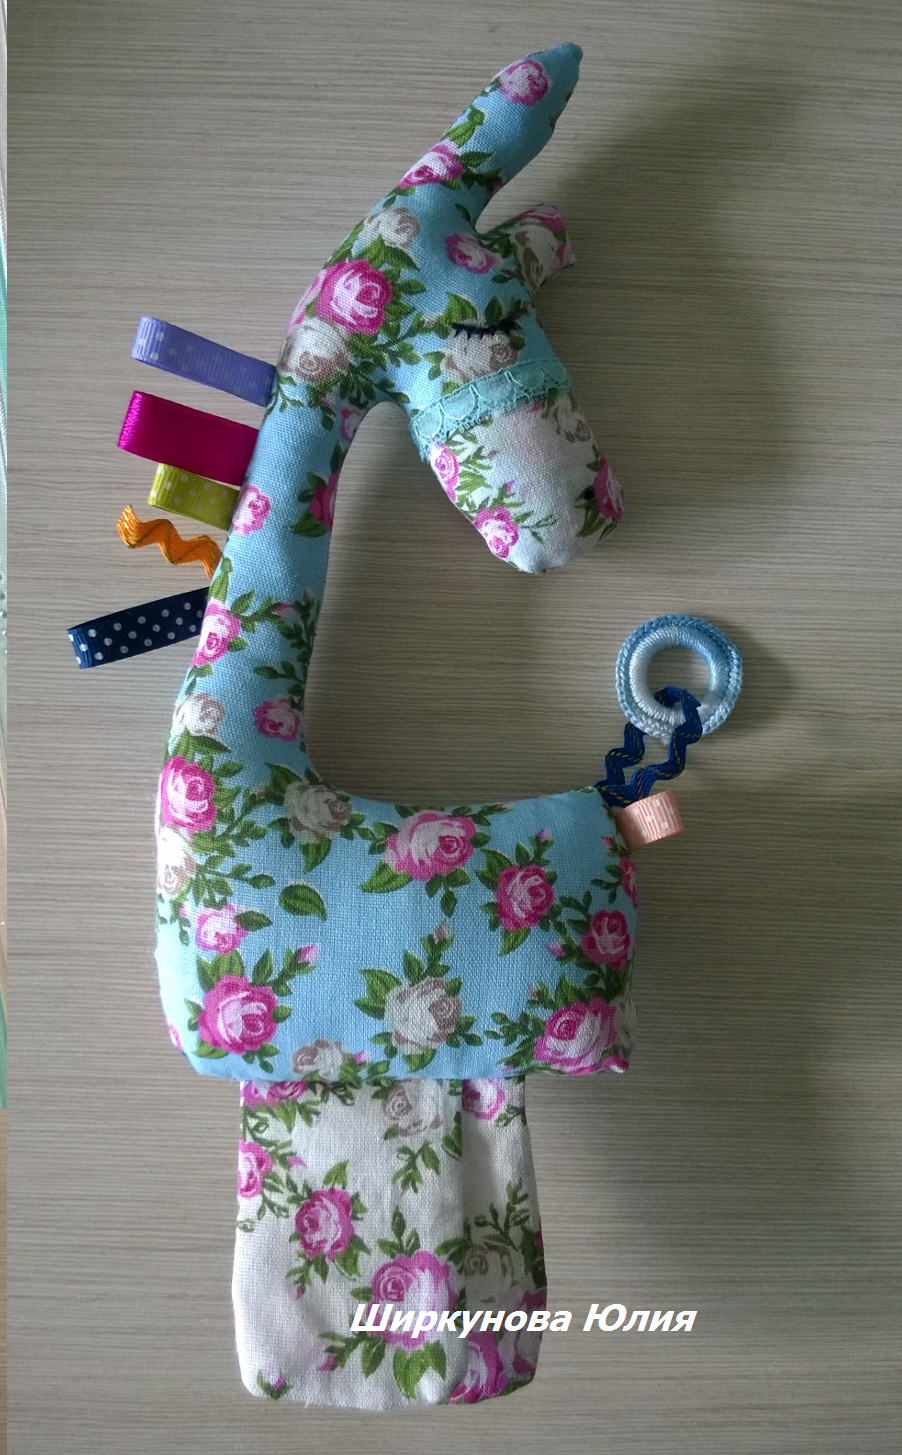 грызунок сплюшка развивающая детей игрушка